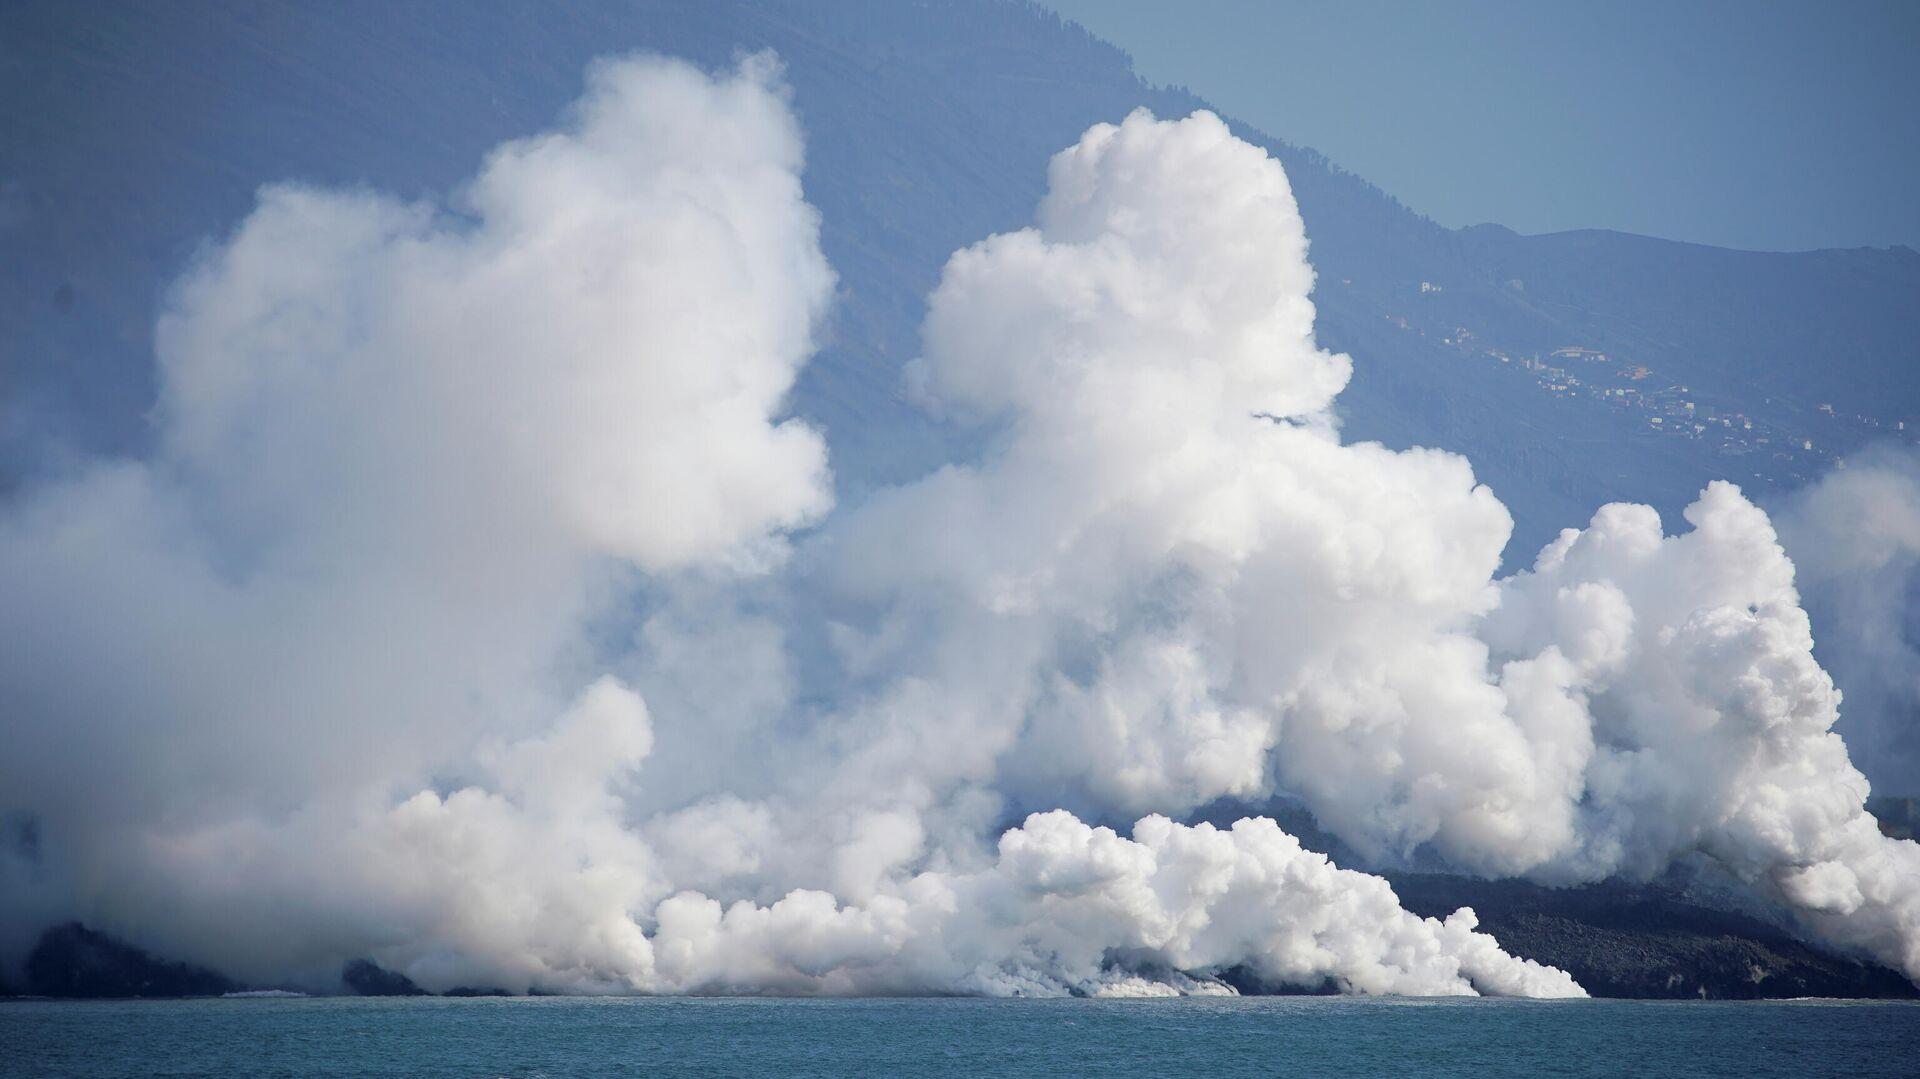 El humo se eleva mientras la lava fluye hacia el mar tras la erupción de un volcán, La Palma, España, 6 de octubre de 2021 - Sputnik Mundo, 1920, 06.10.2021